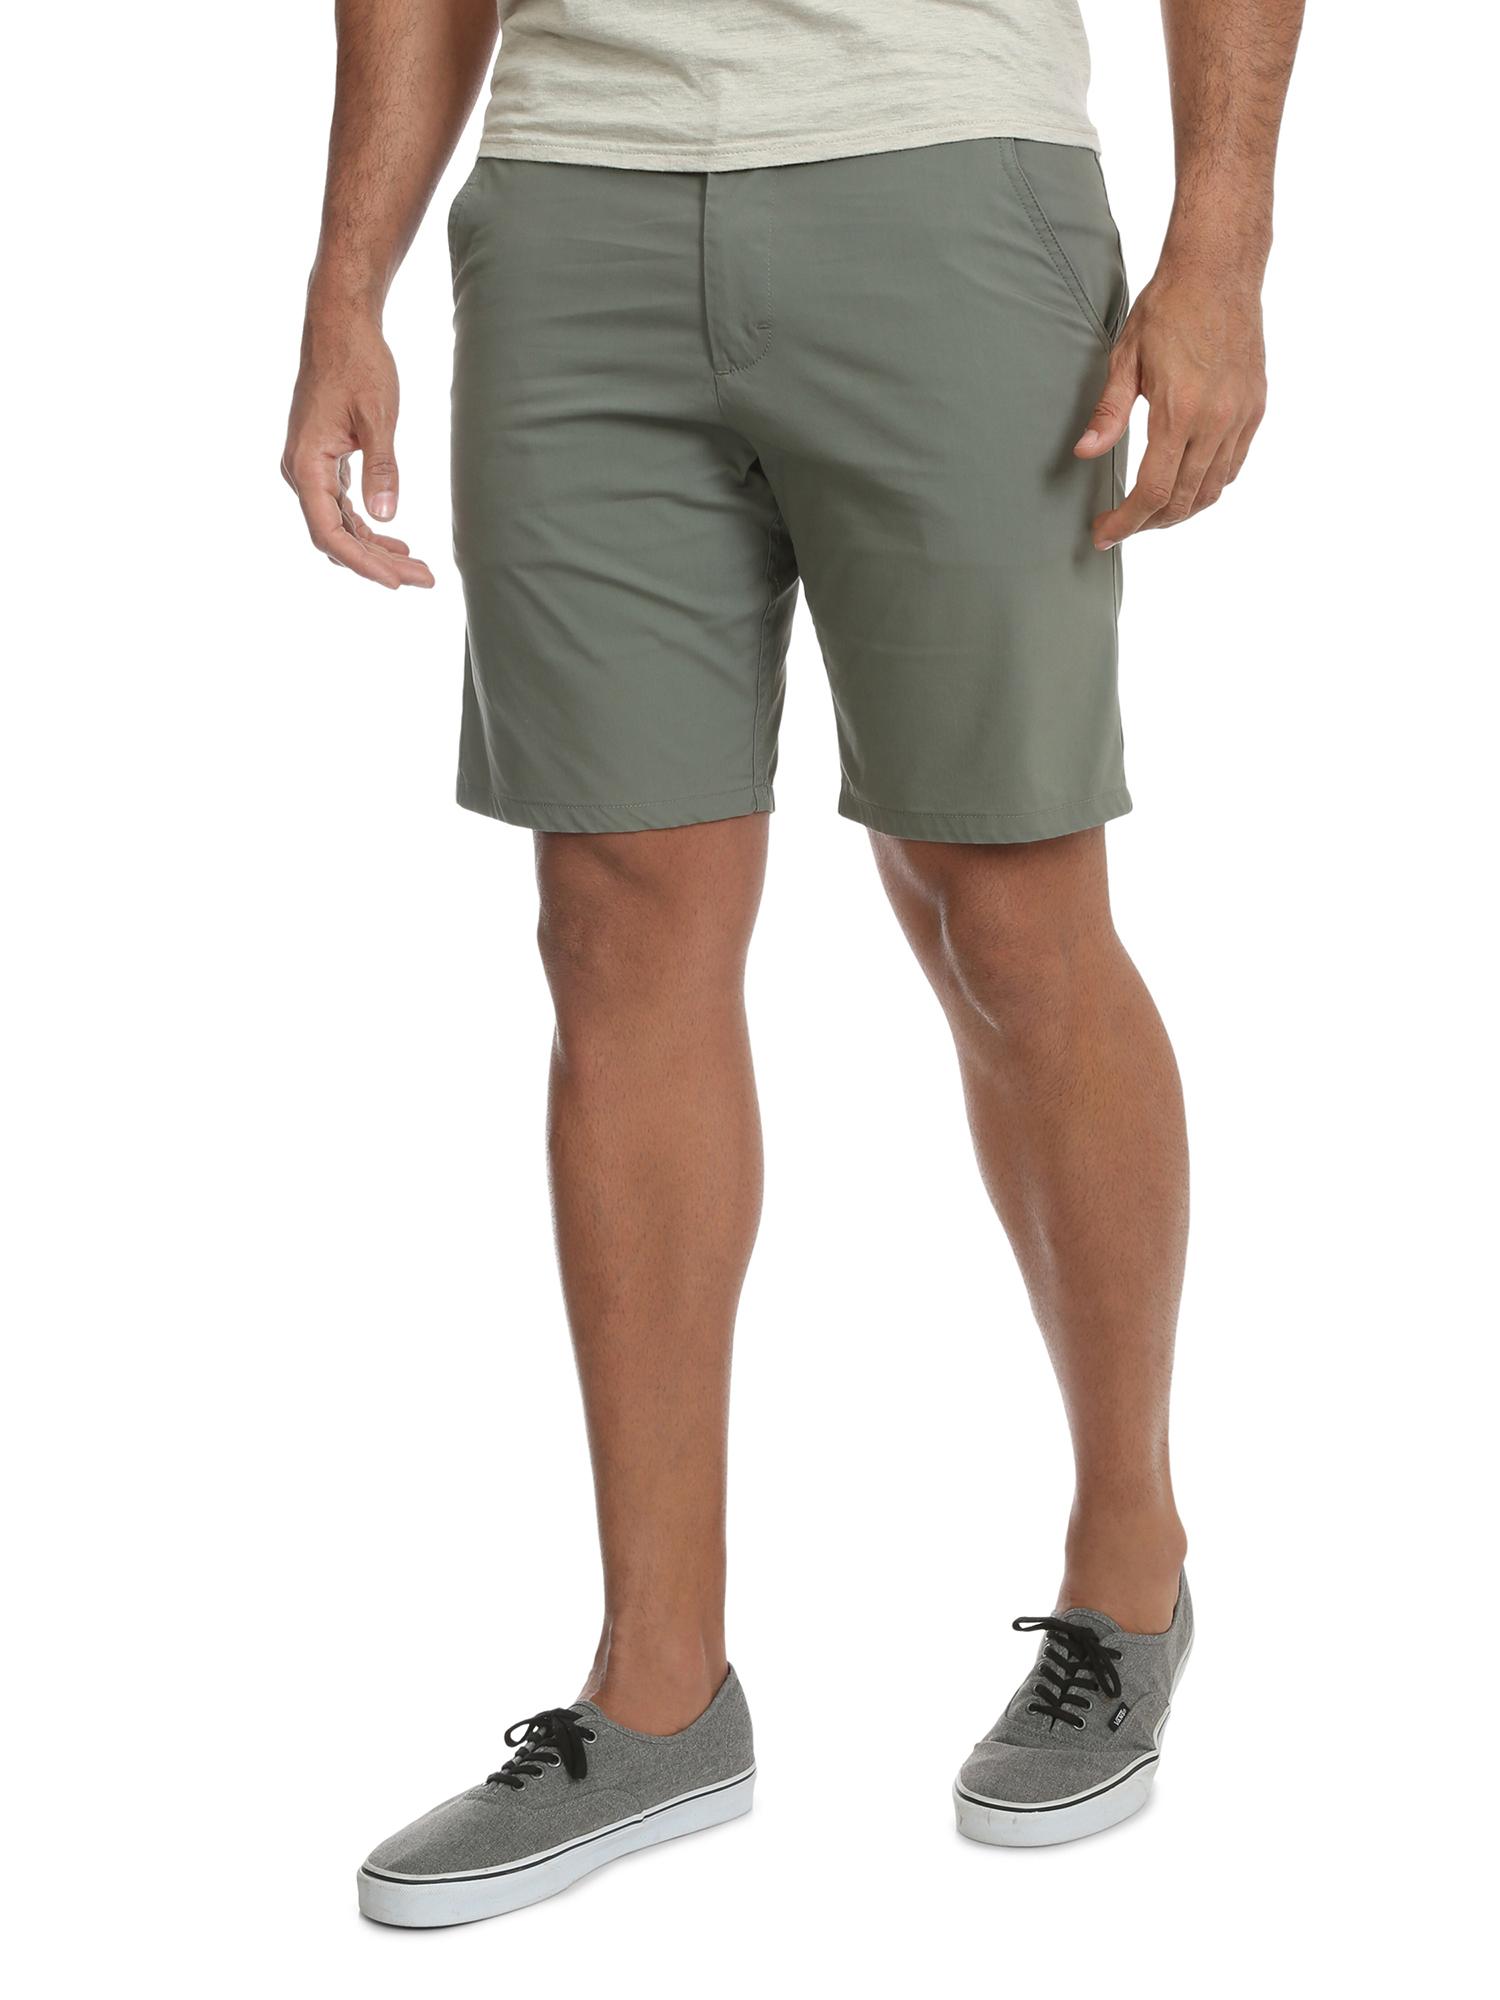 Men's Outdoor Performance Flat Front Short